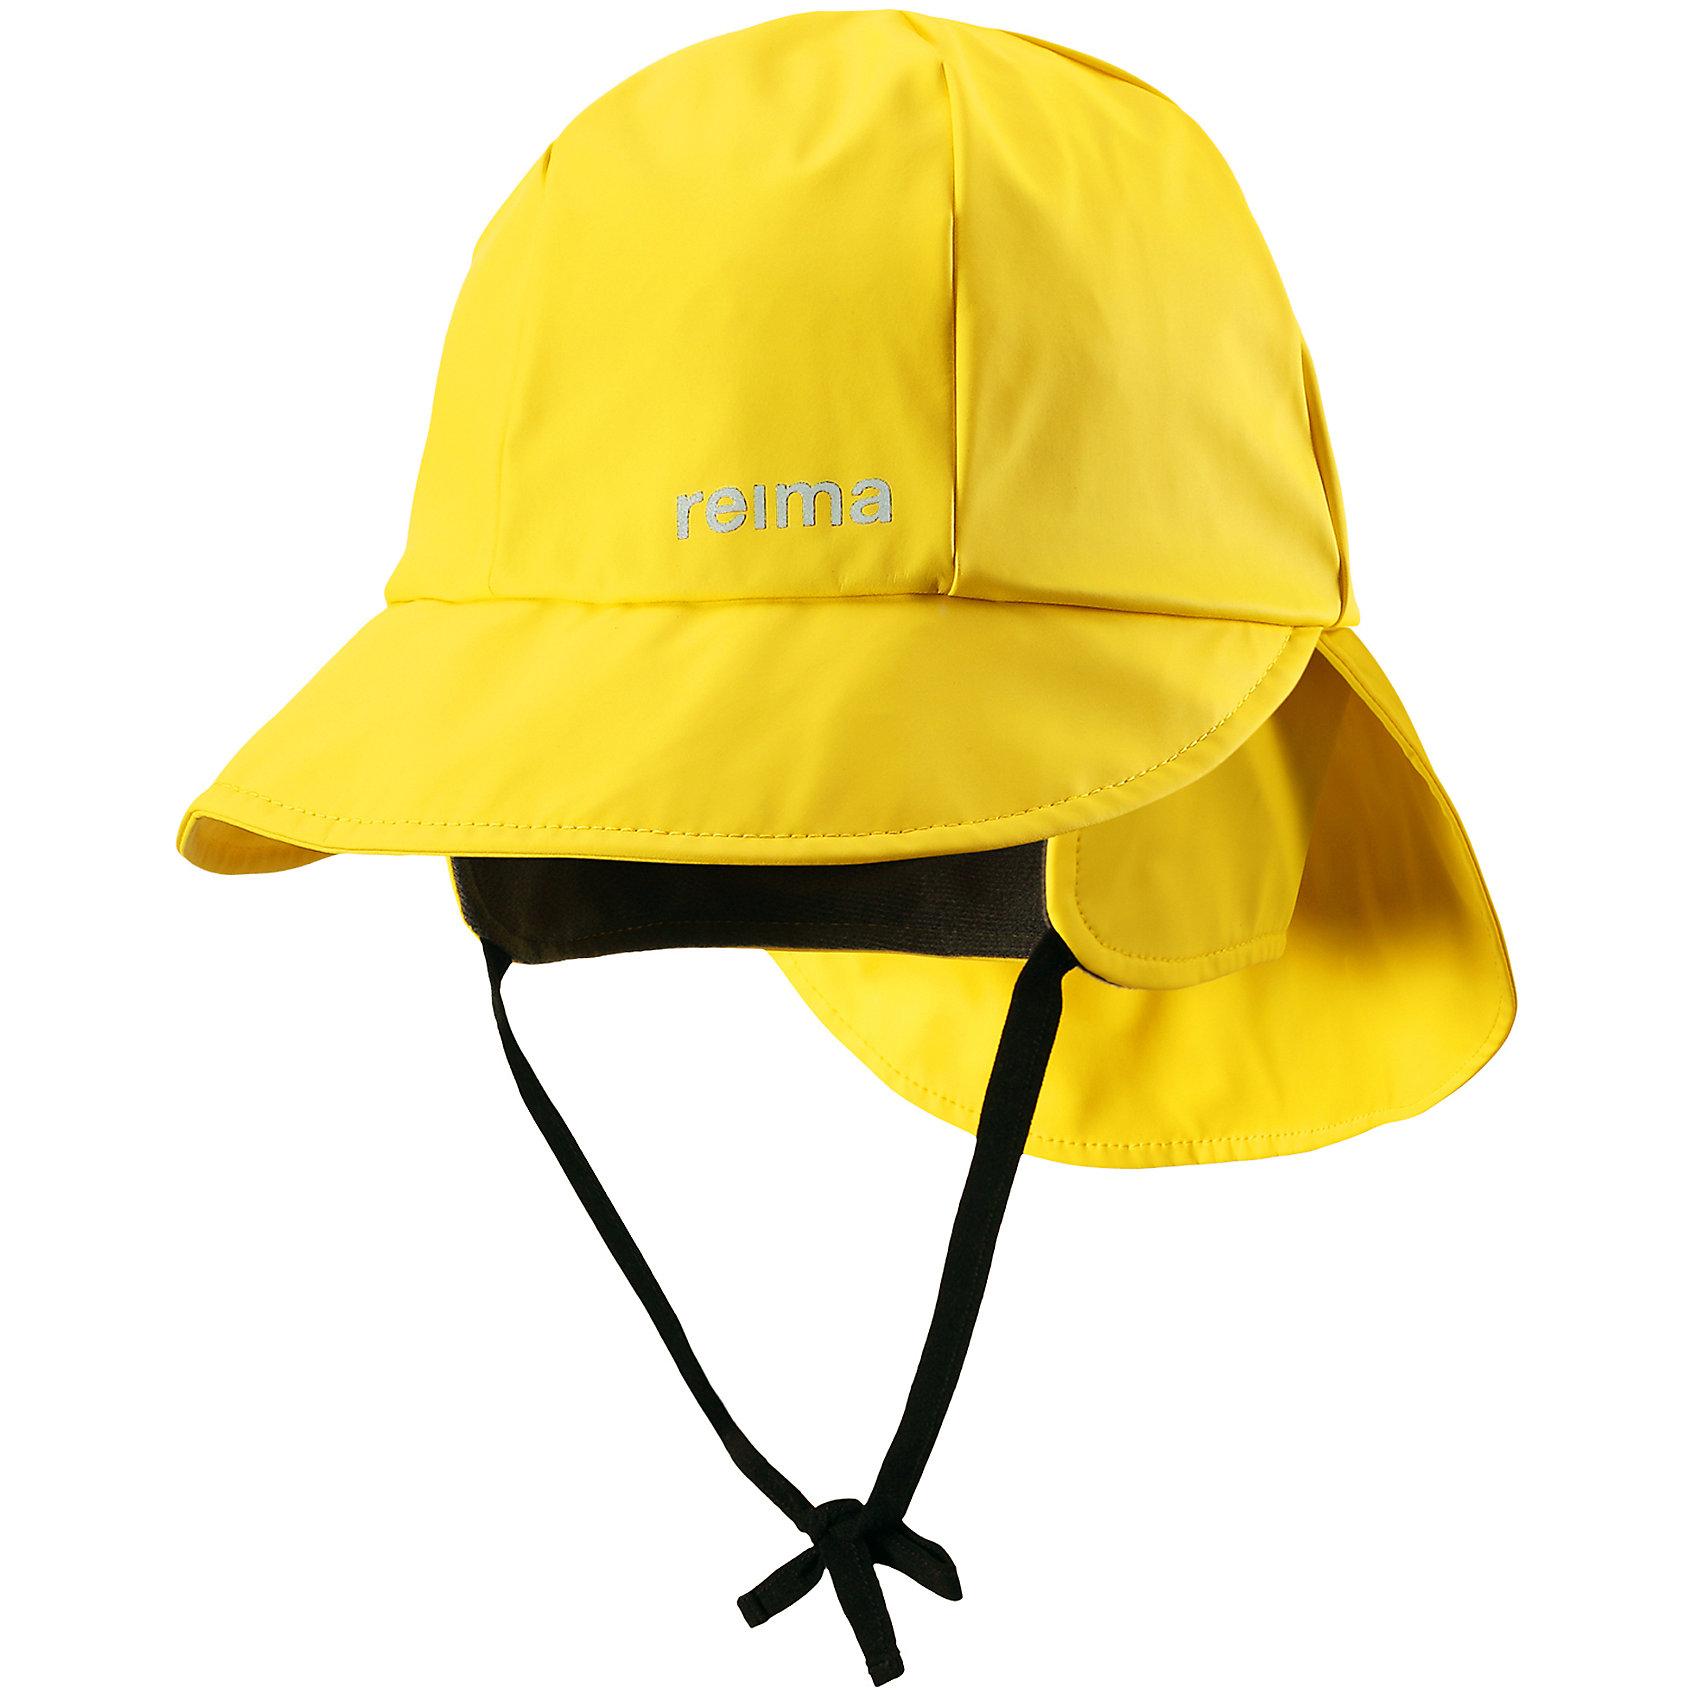 Непромокаемая шапка Rainy ReimaШапки и шарфы<br>Характеристики товара:<br><br>• цвет: желтый<br>• шапка-дождевик<br>• непромокаемая<br>• состав: 100% полиэстер, полиуретановое покрытие<br>• эластичный материал<br>• швы запаяны<br>• без подкладки<br>• защита ушей от ветра<br>• принт с логотипом<br>• комфортная посадка<br>• страна производства: Китай<br>• страна бренда: Финляндия<br>• коллекция: весна-лето 2017<br><br>Детский головной убор может быть модным и удобным одновременно! Стильная шапка поможет обеспечить ребенку комфорт и дополнить наряд. Она отлично смотрится с различной одеждой. Шапка удобно сидит и аккуратно выглядит. Проста в уходе, долго служит. Стильный дизайн разрабатывался специально для детей. Отличная защита от дождя и ветра!<br><br>Одежда и обувь от финского бренда Reima пользуется популярностью во многих странах. Эти изделия стильные, качественные и удобные. Для производства продукции используются только безопасные, проверенные материалы и фурнитура. Порадуйте ребенка модными и красивыми вещами от Reima! <br><br>Шапку для мальчика от финского бренда Reima (Рейма) можно купить в нашем интернет-магазине.<br><br>Ширина мм: 89<br>Глубина мм: 117<br>Высота мм: 44<br>Вес г: 155<br>Цвет: желтый<br>Возраст от месяцев: 6<br>Возраст до месяцев: 9<br>Пол: Унисекс<br>Возраст: Детский<br>Размер: 46,56,50,48,52,54<br>SKU: 5267999